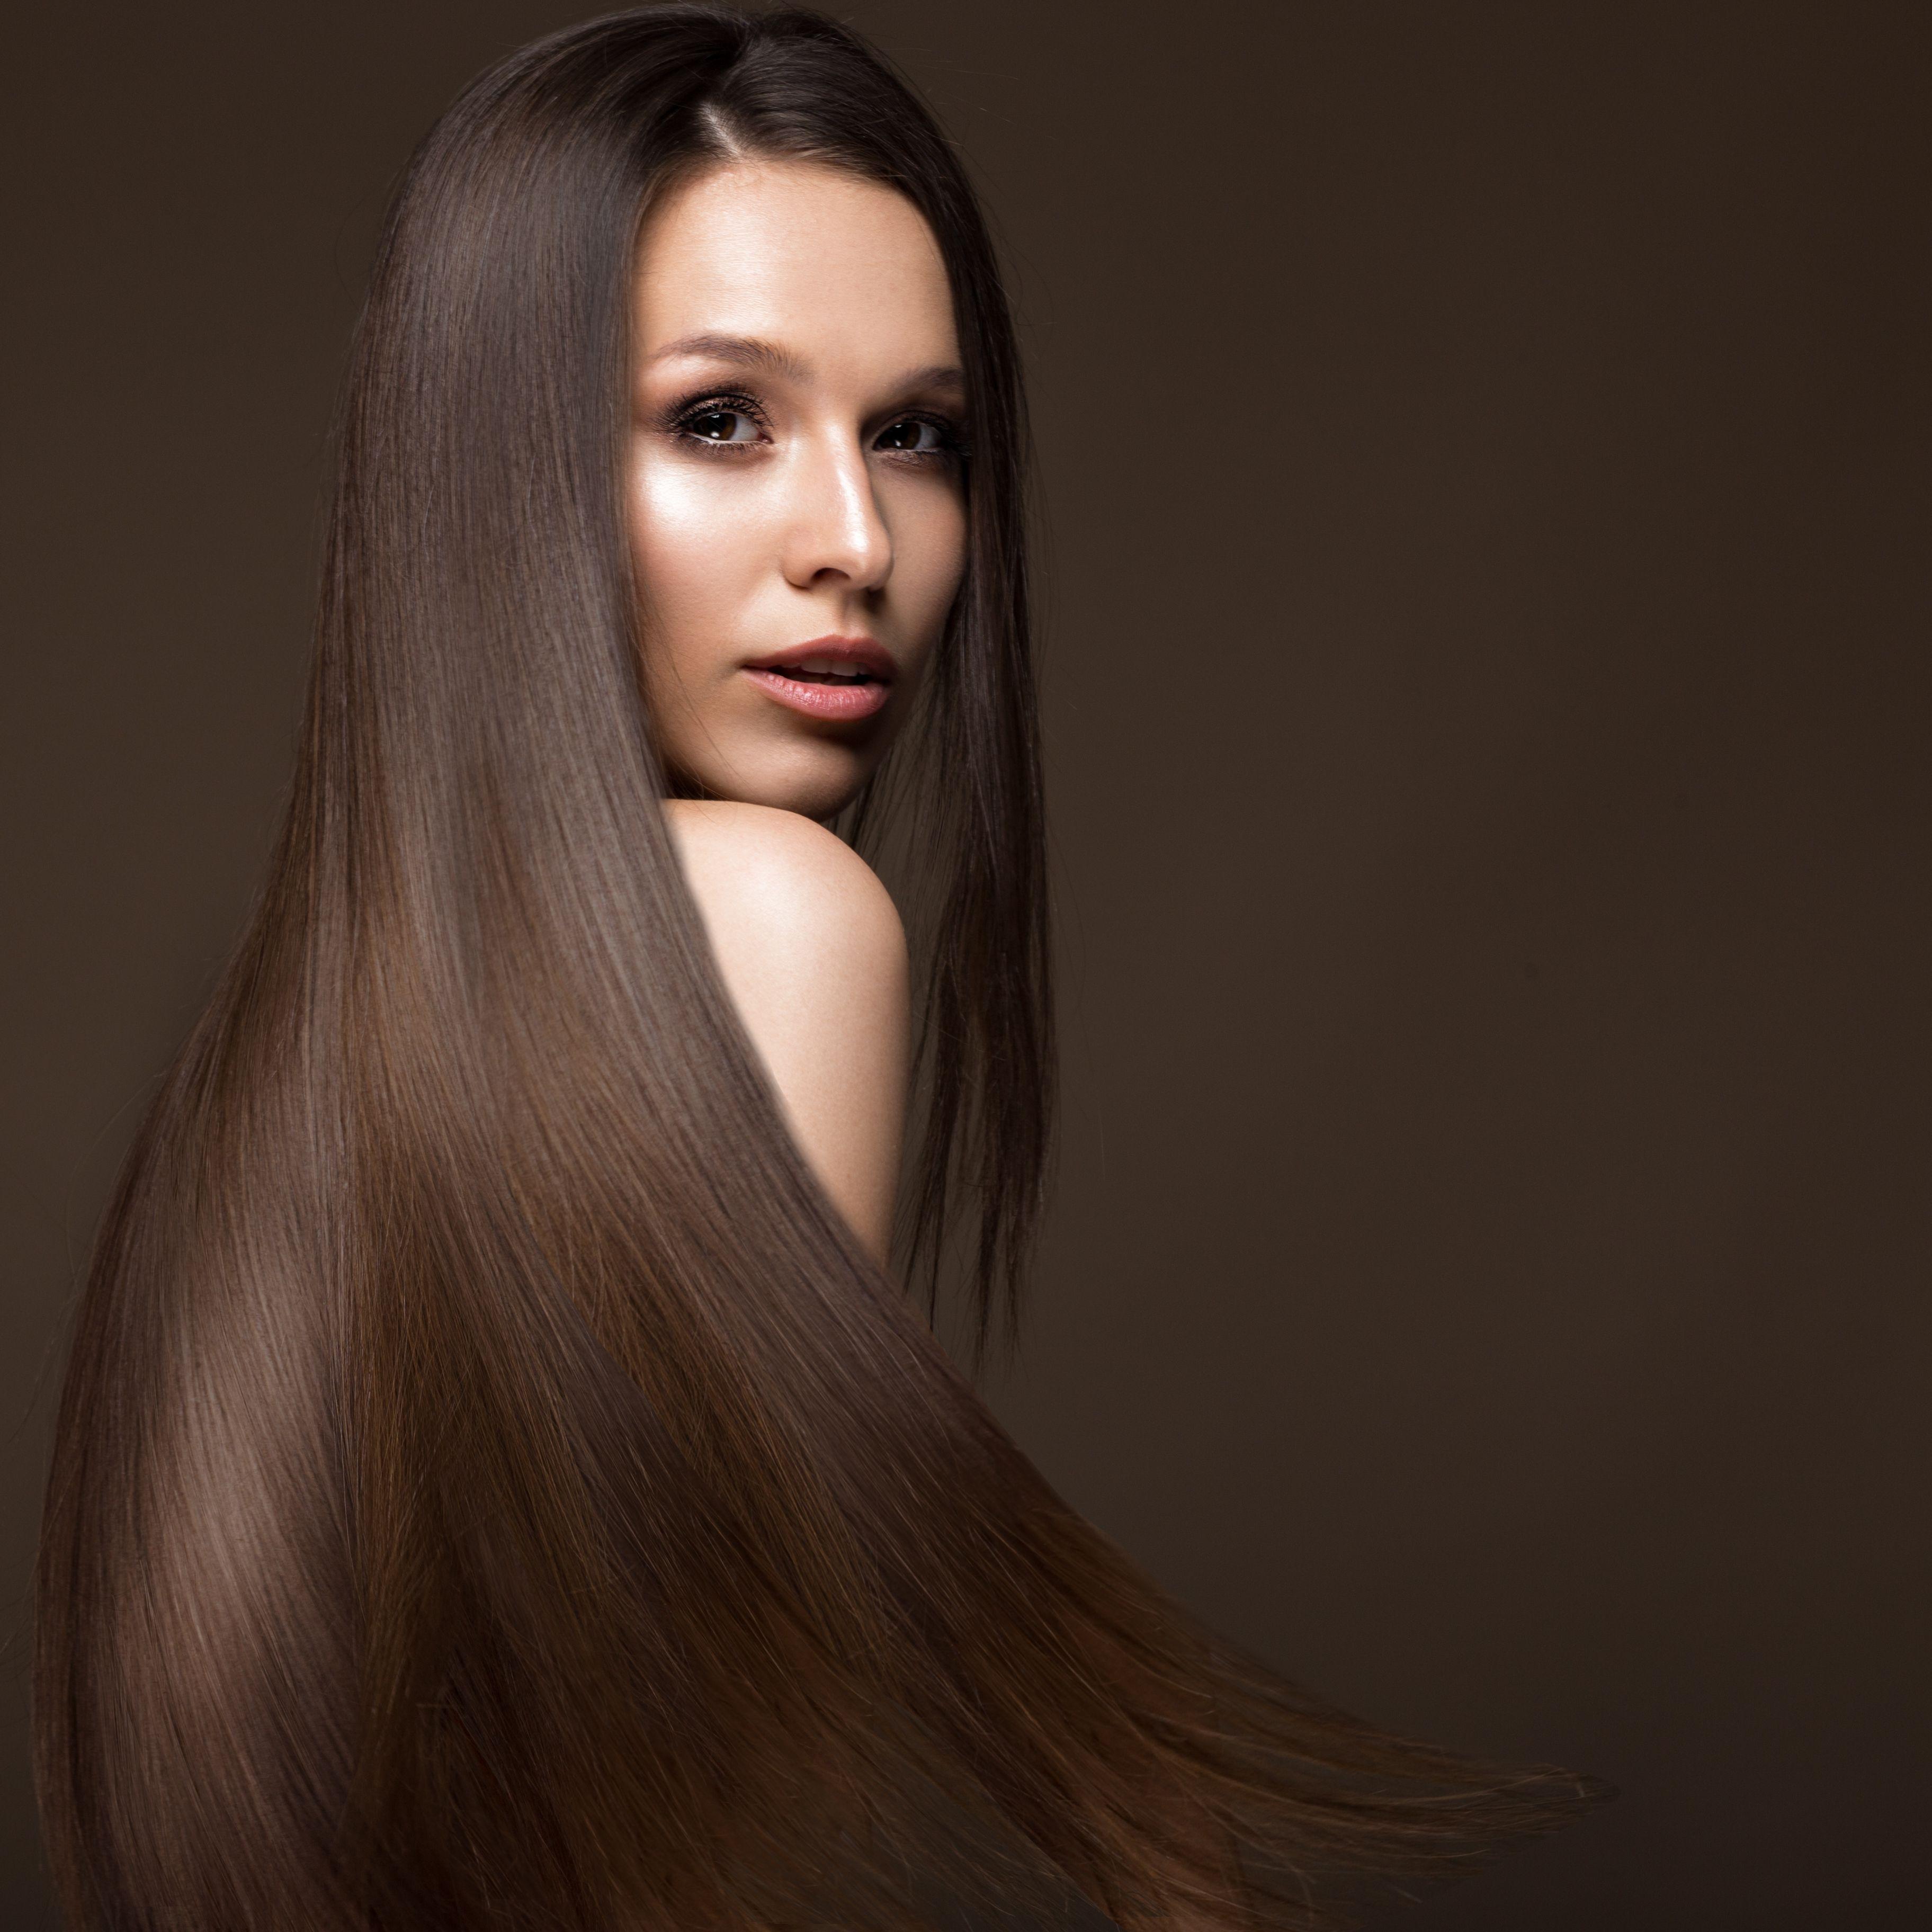 Tratamientos para tu cabello: Servicios de Fain Peluqueros - Mirasierra / Puerta de Hierro